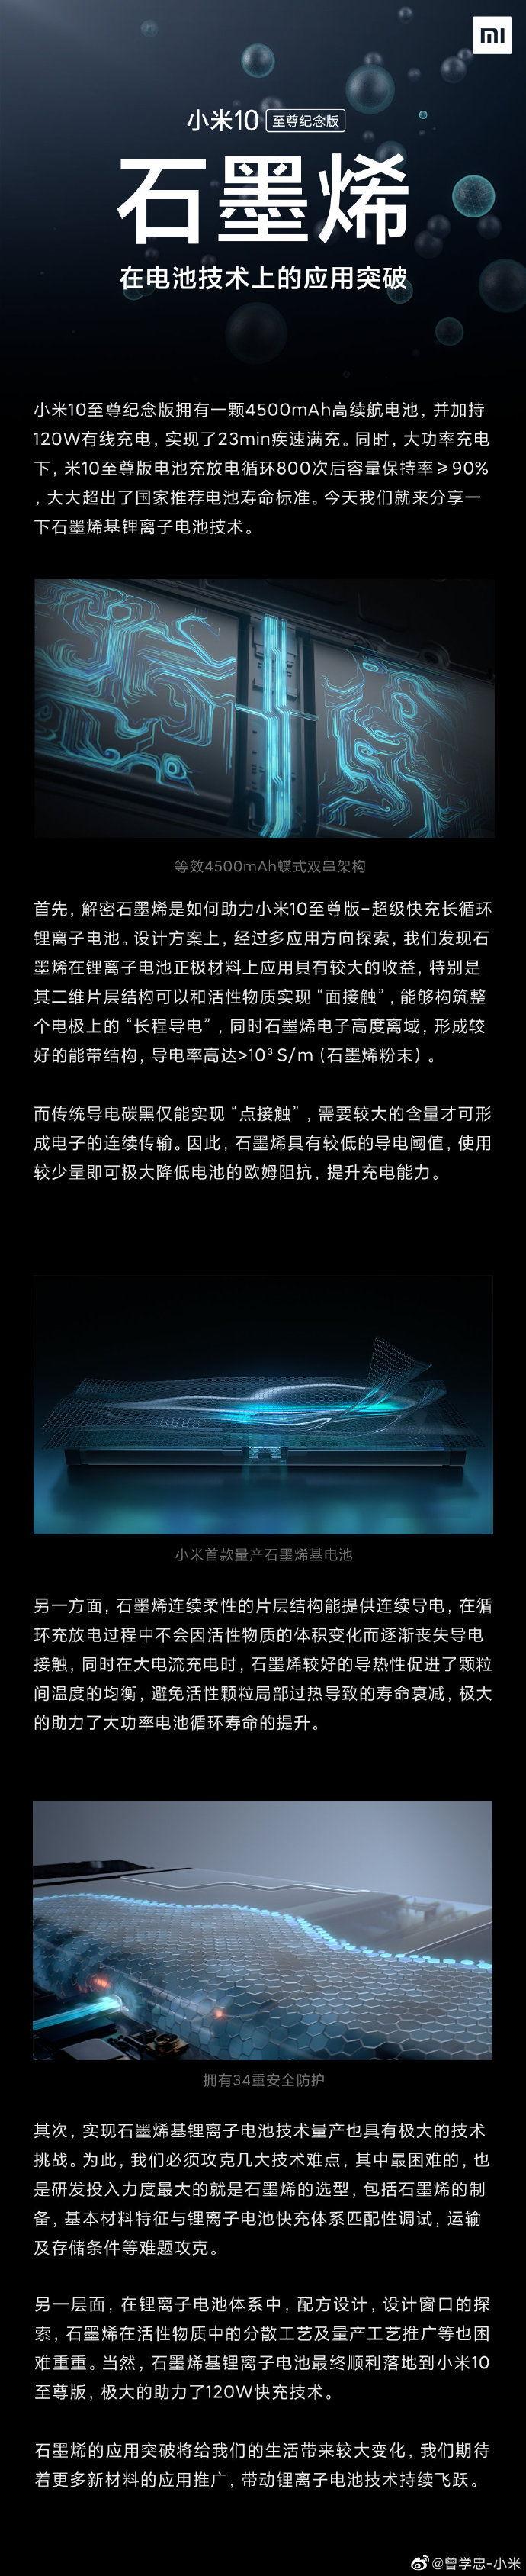 小米曾学忠带你了解:石墨烯在电池技术上的应用-玩懂手机网 - 玩懂手机第一手的手机资讯网(www.wdshouji.com)